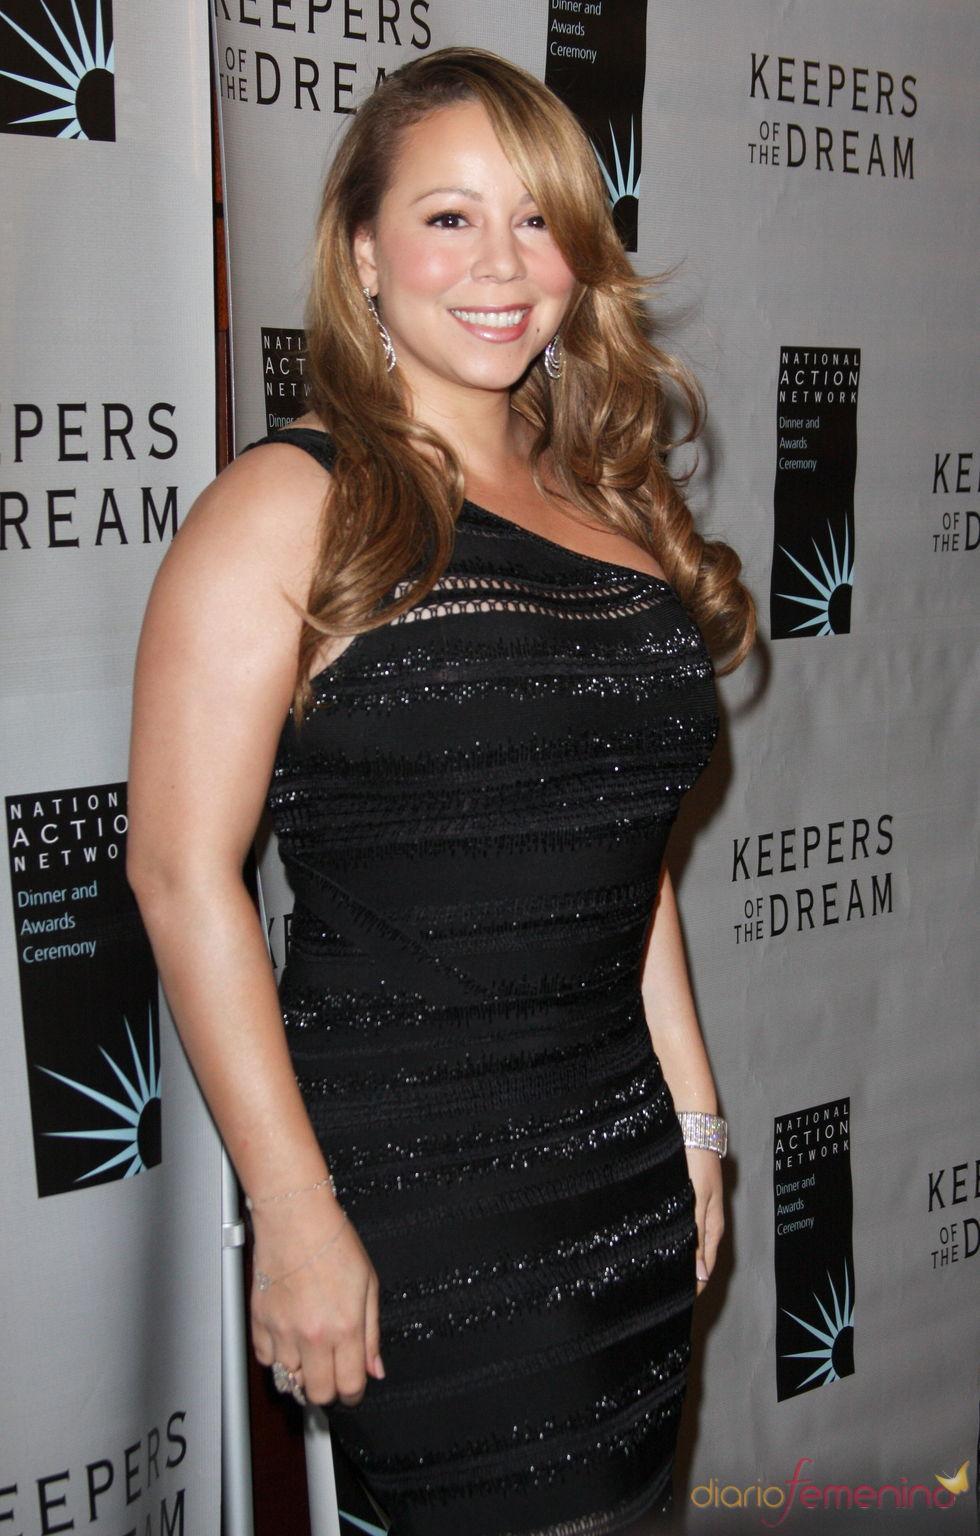 Mariah carey inseparable lyrics